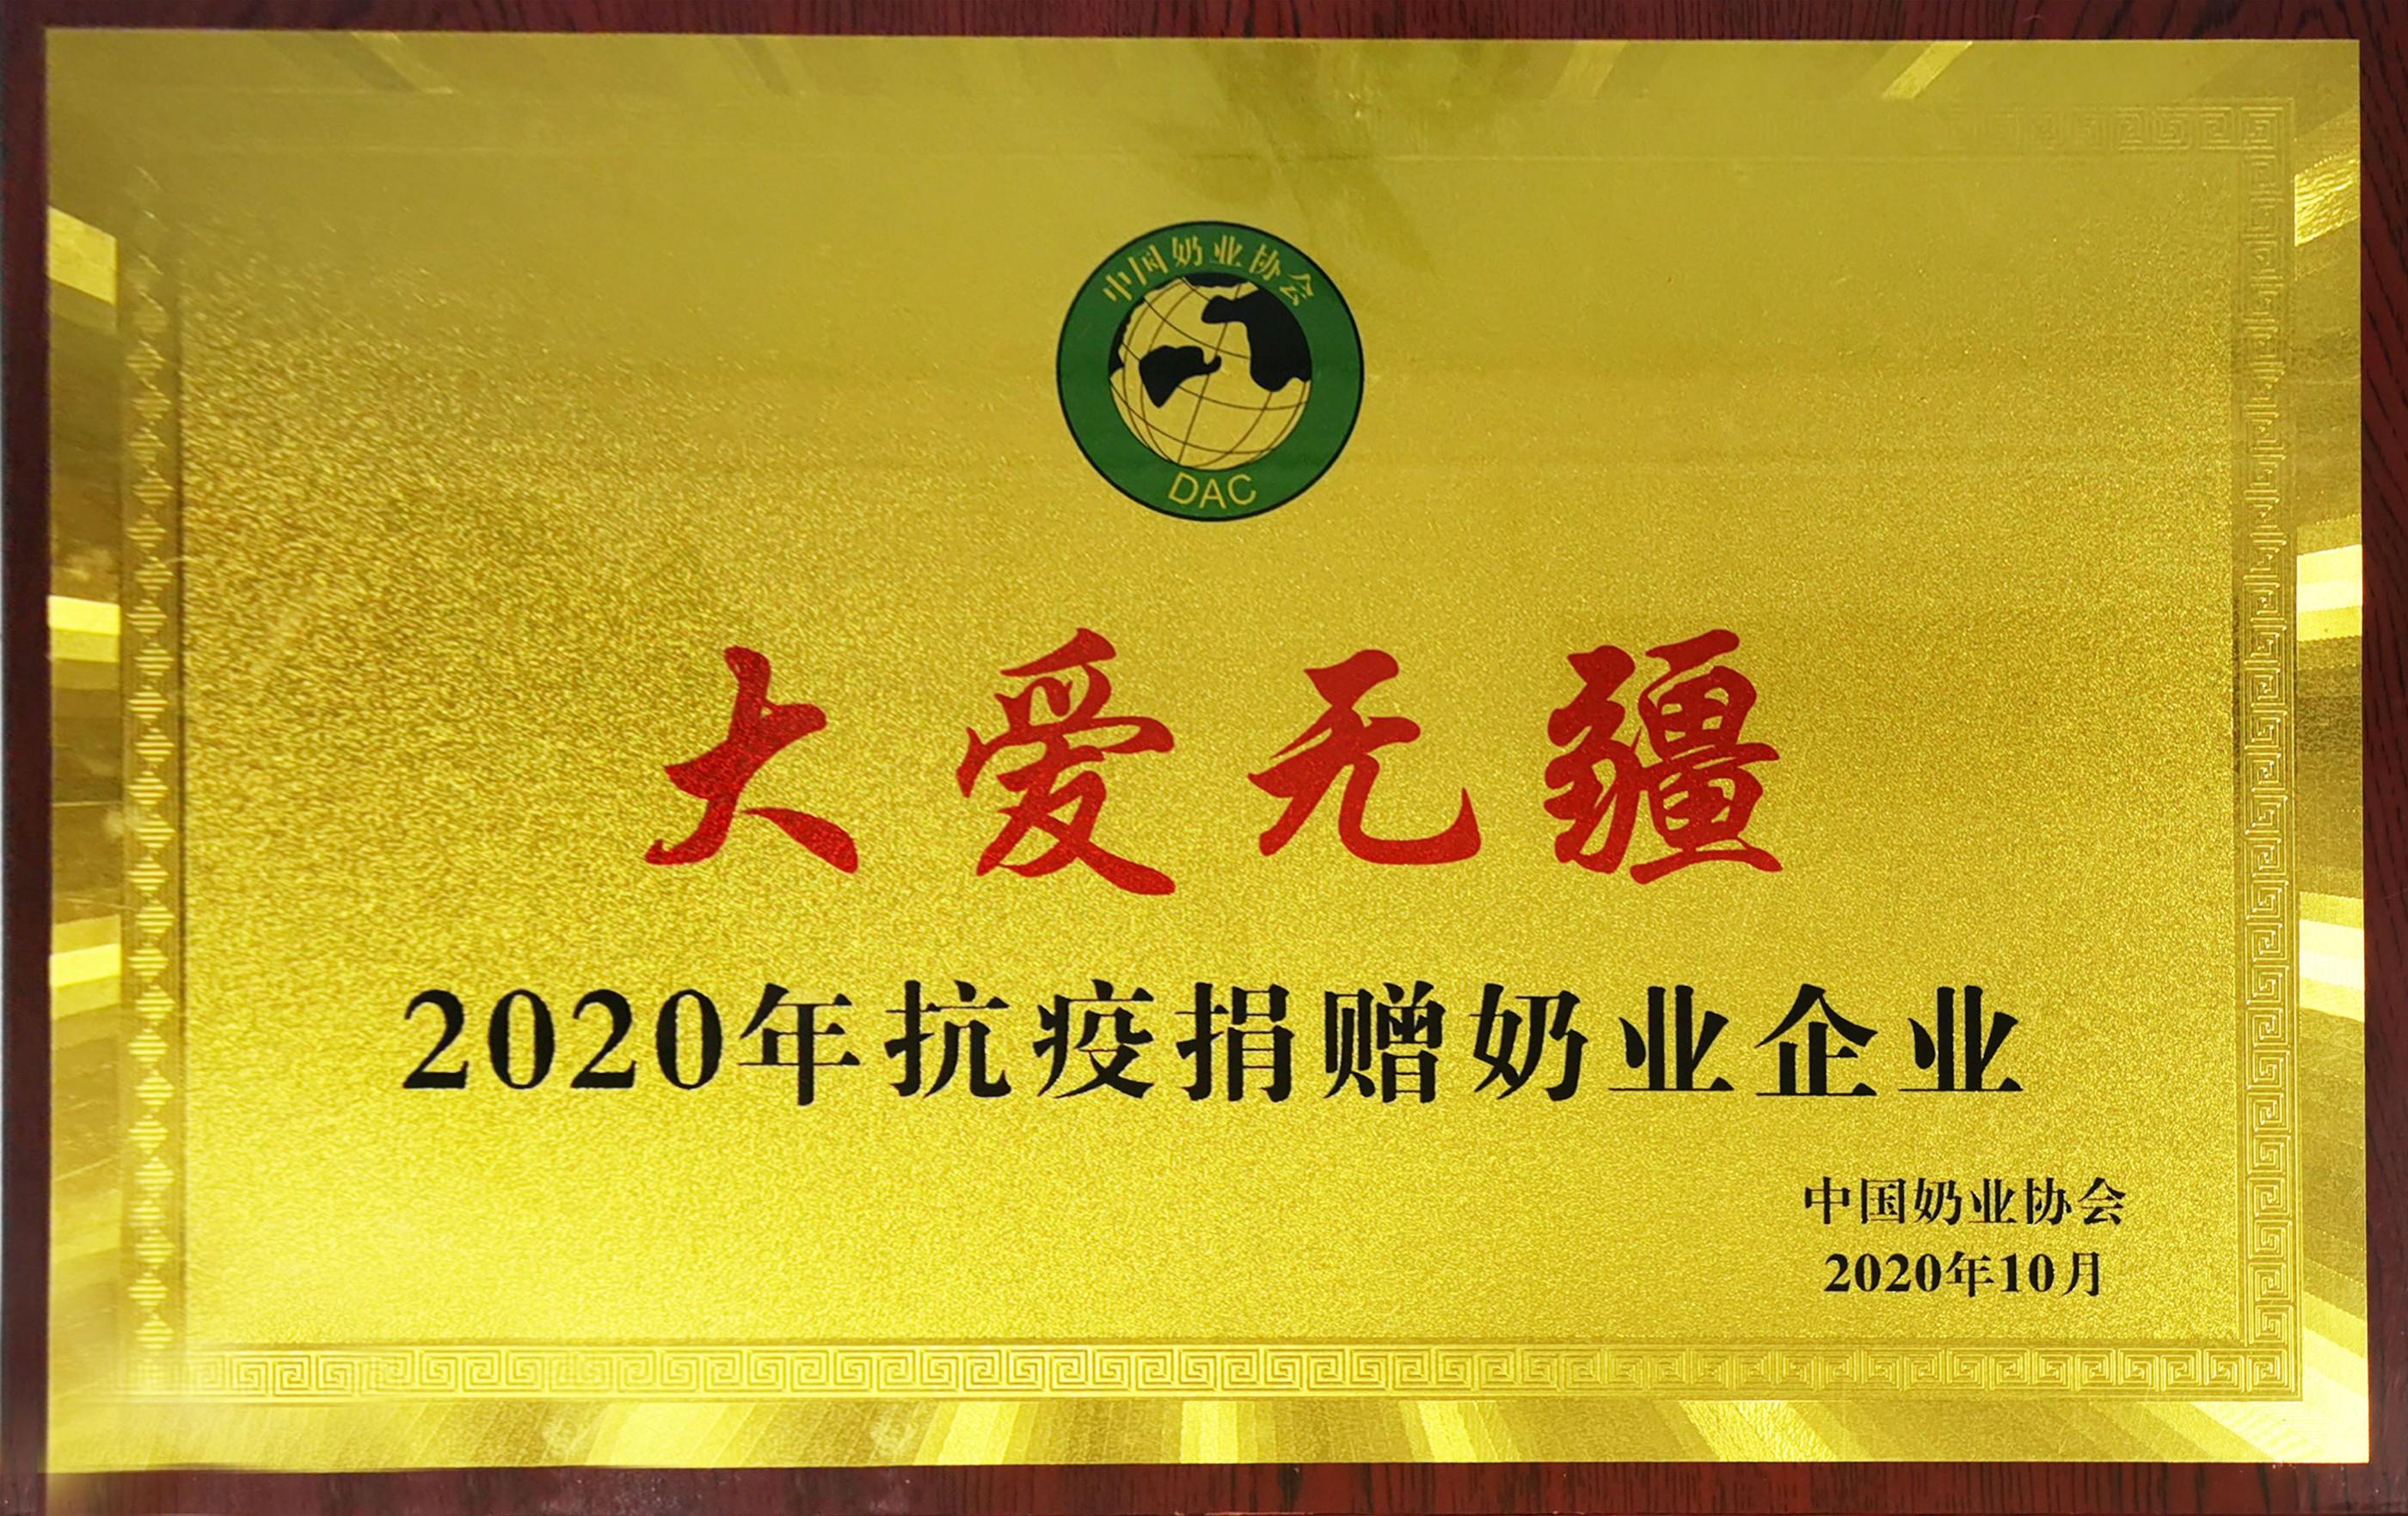 大爱无疆 · 2020年抗疫捐赠奶业企业